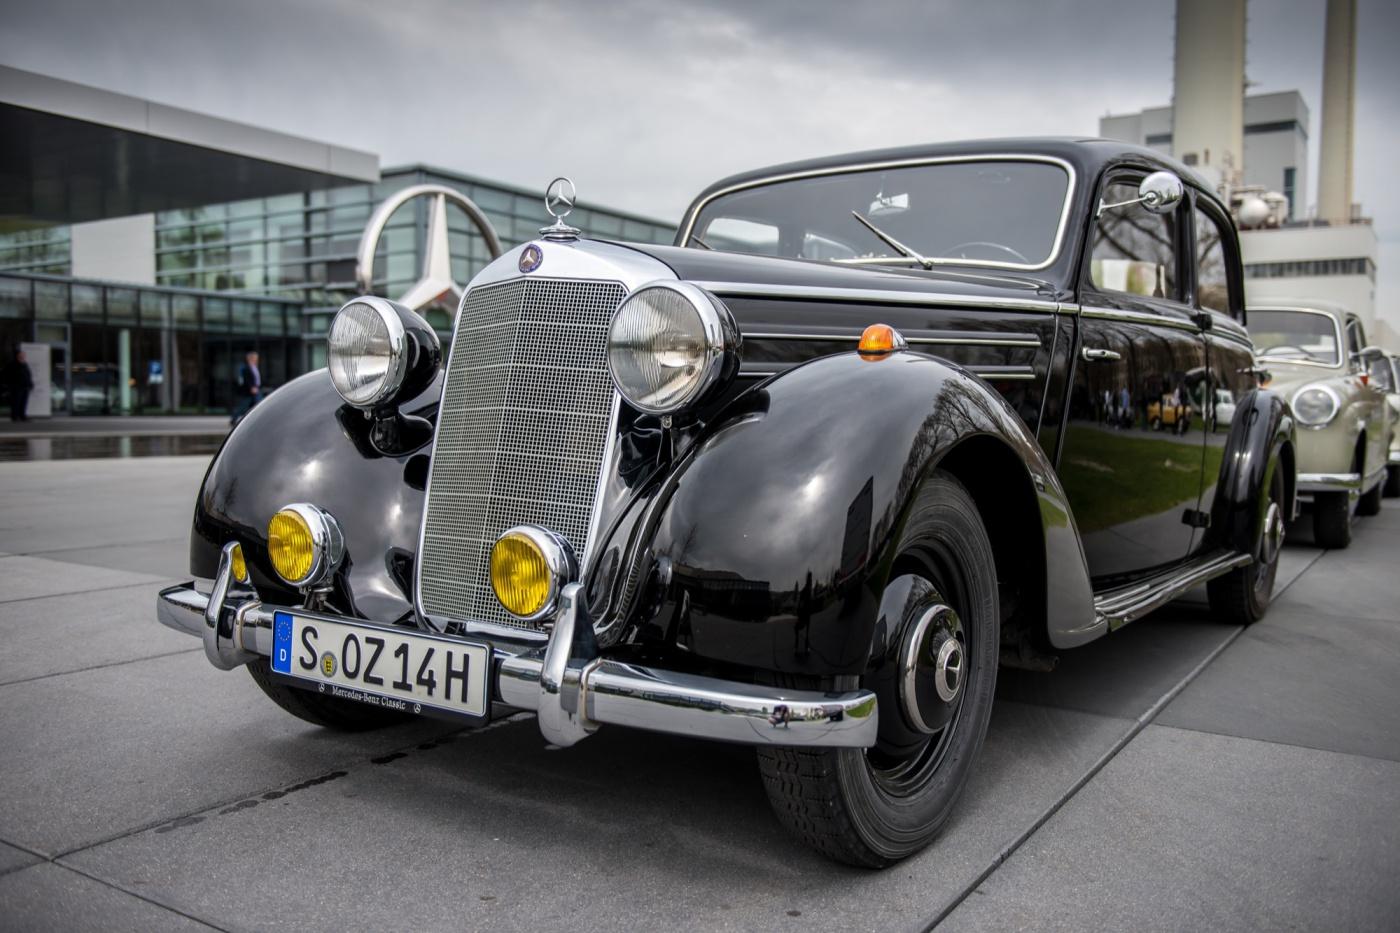 Mercedes-E-Class-Insight_2016_Gonzague-10 - W191